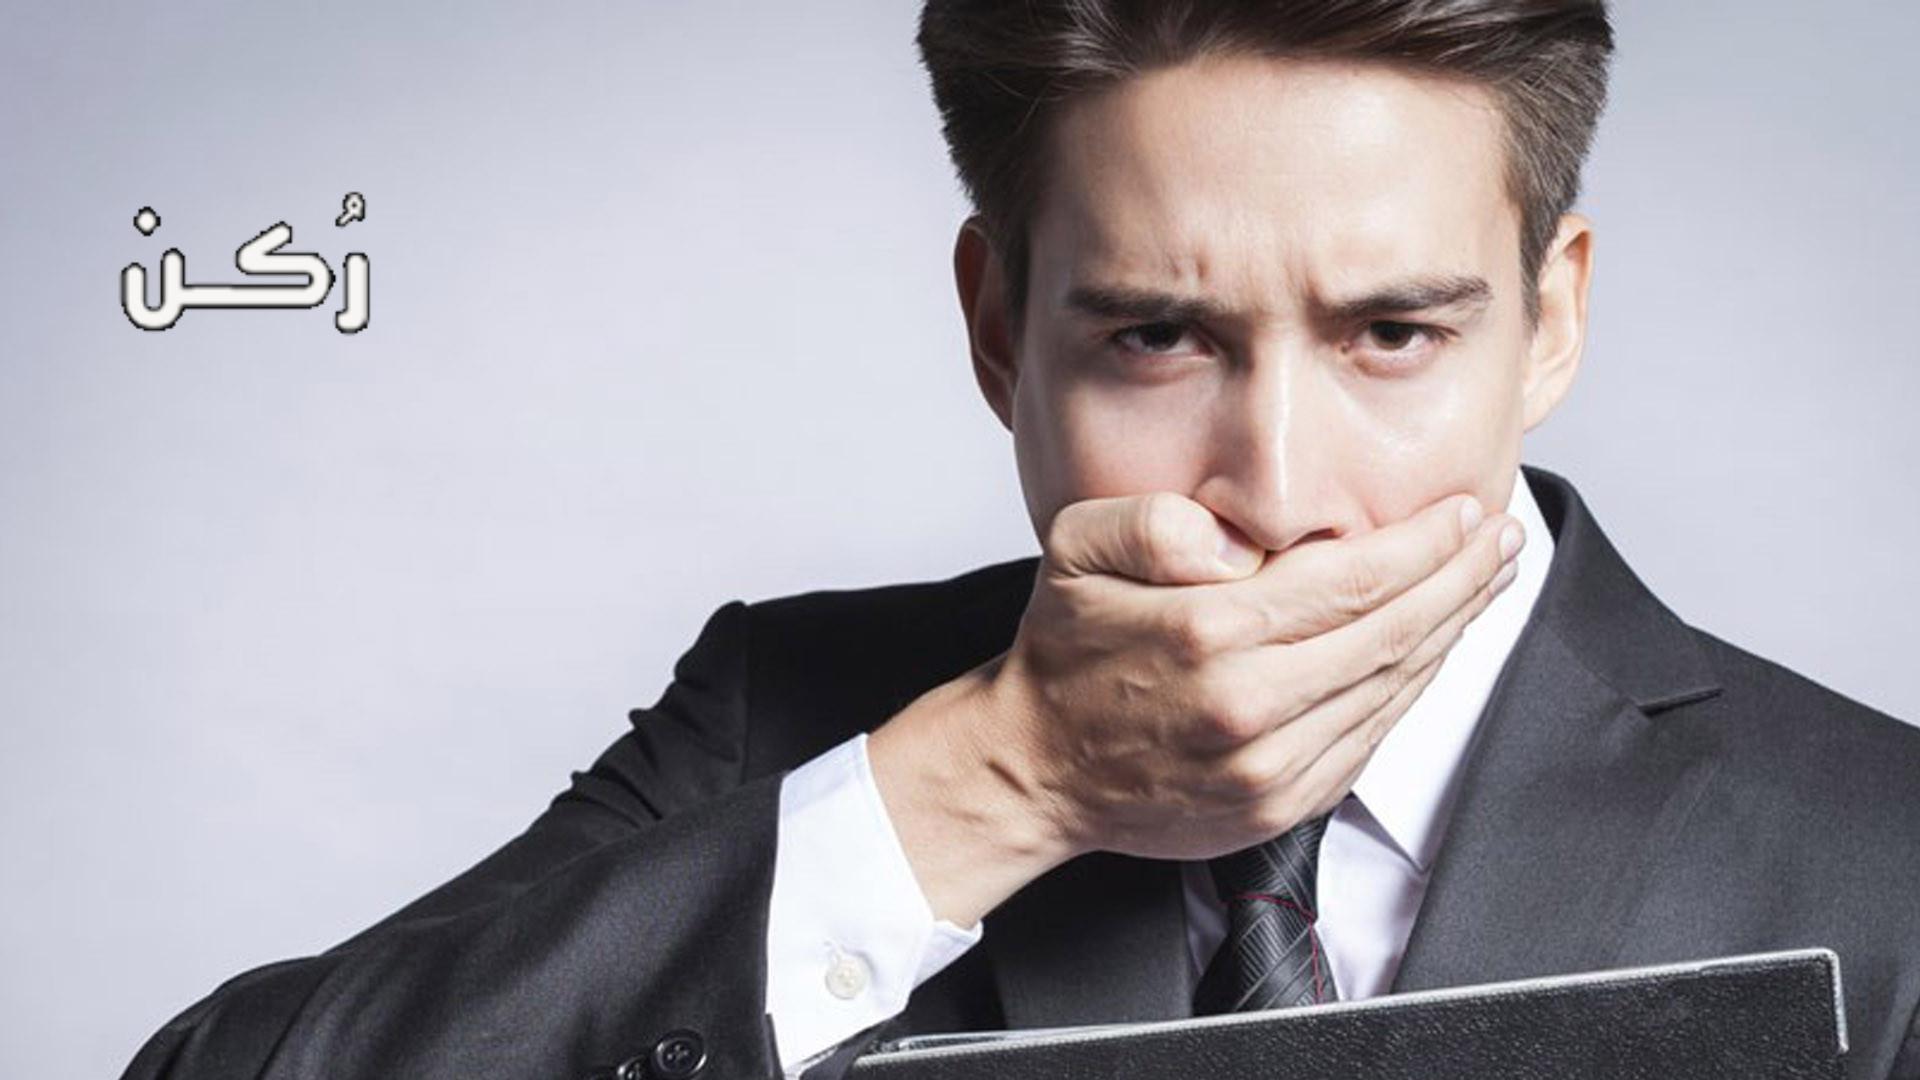 ما هي أسباب رائحة الفم الكريهة وكيف نتخلص منها؟